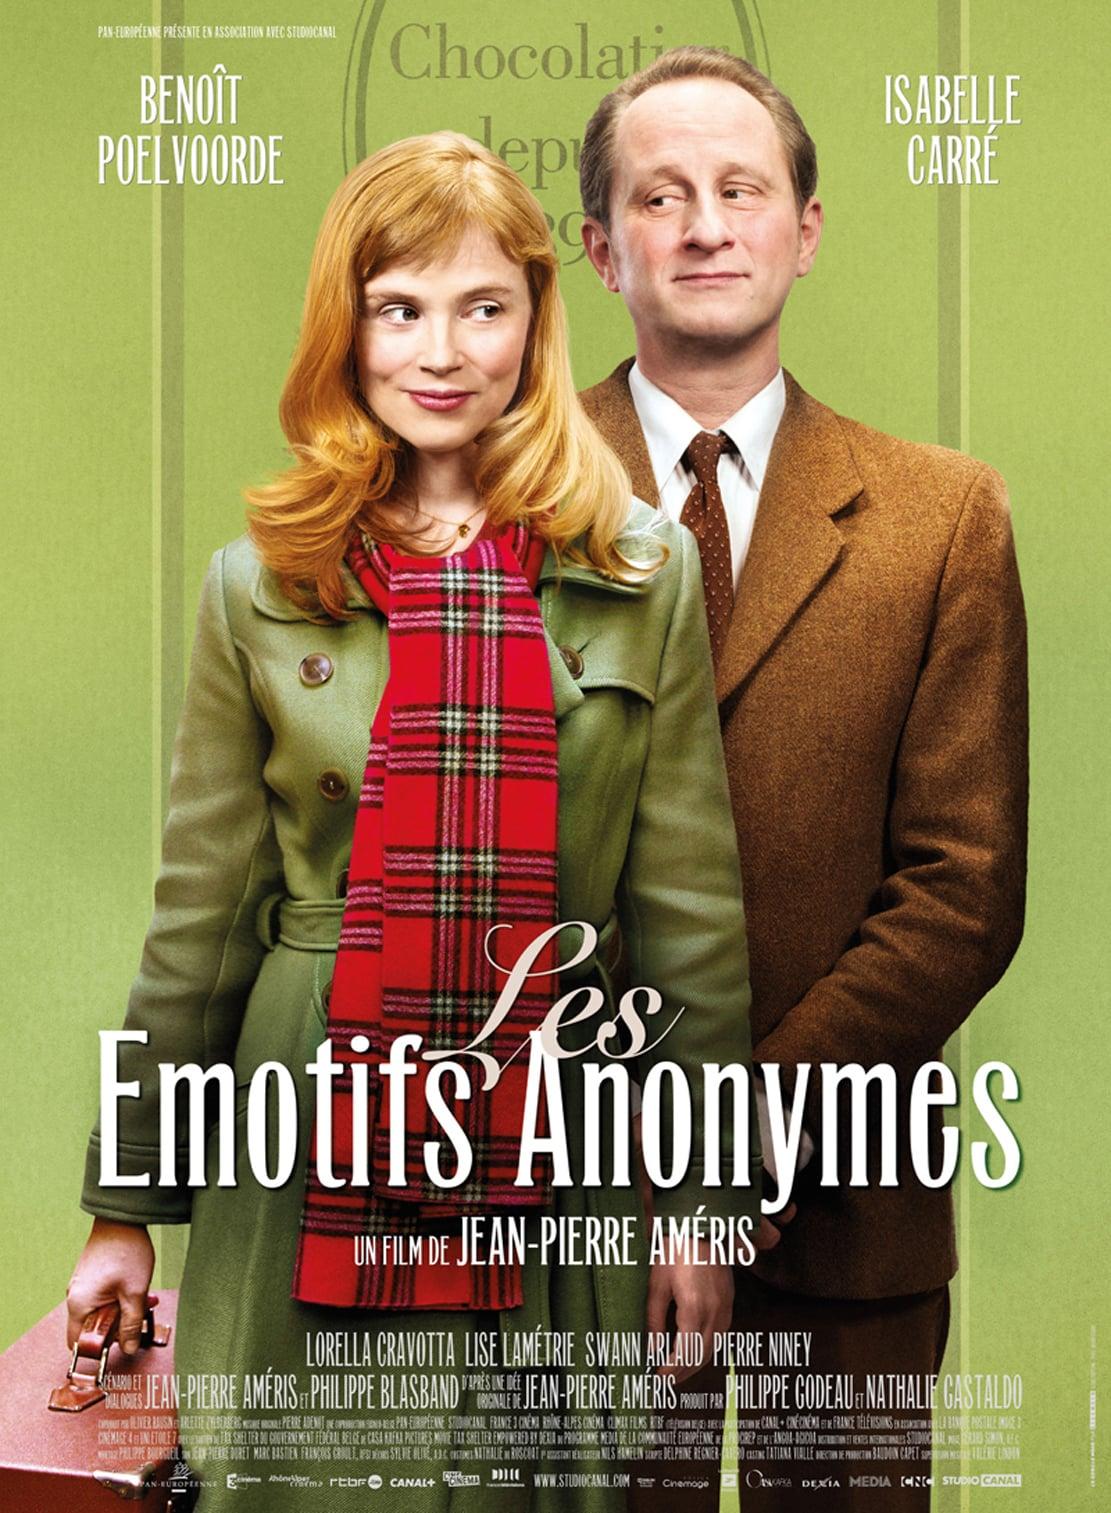 affiche du film Les émotifs anonymes